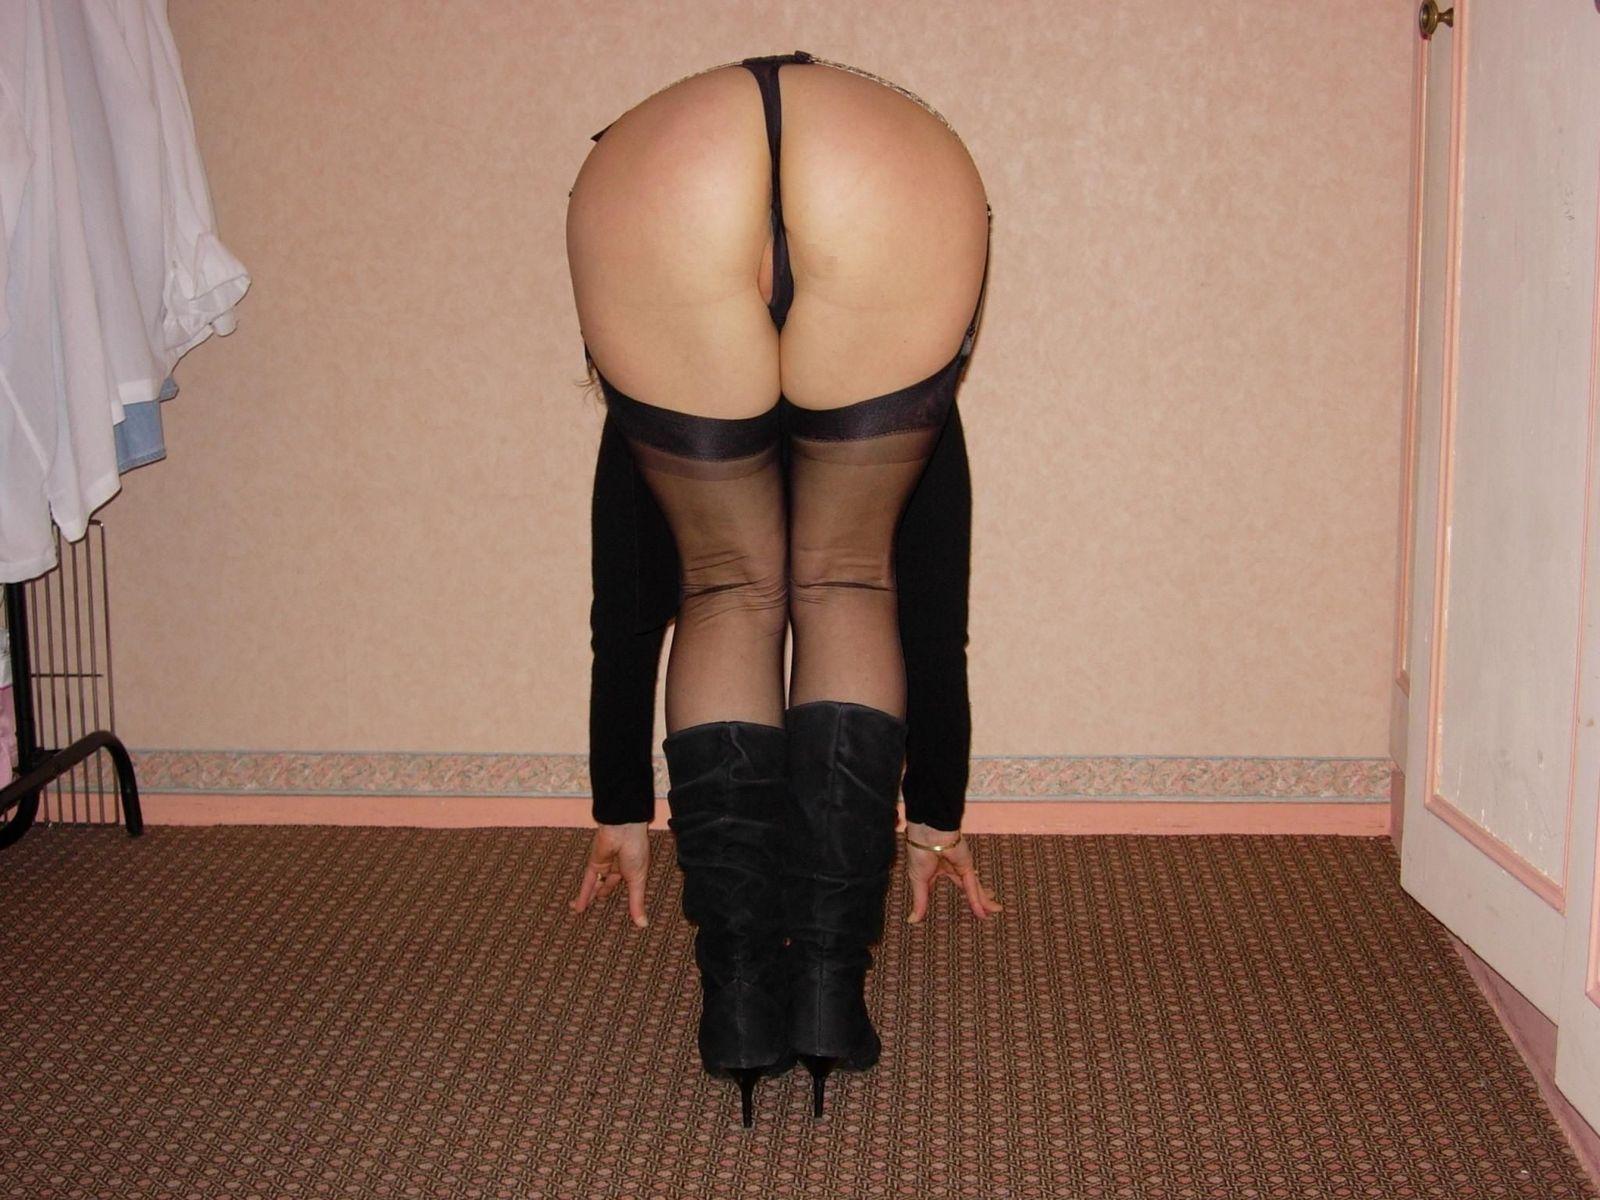 Умелая женщина обнажает свои умения владеть оральным мастерством на практике перед камерой